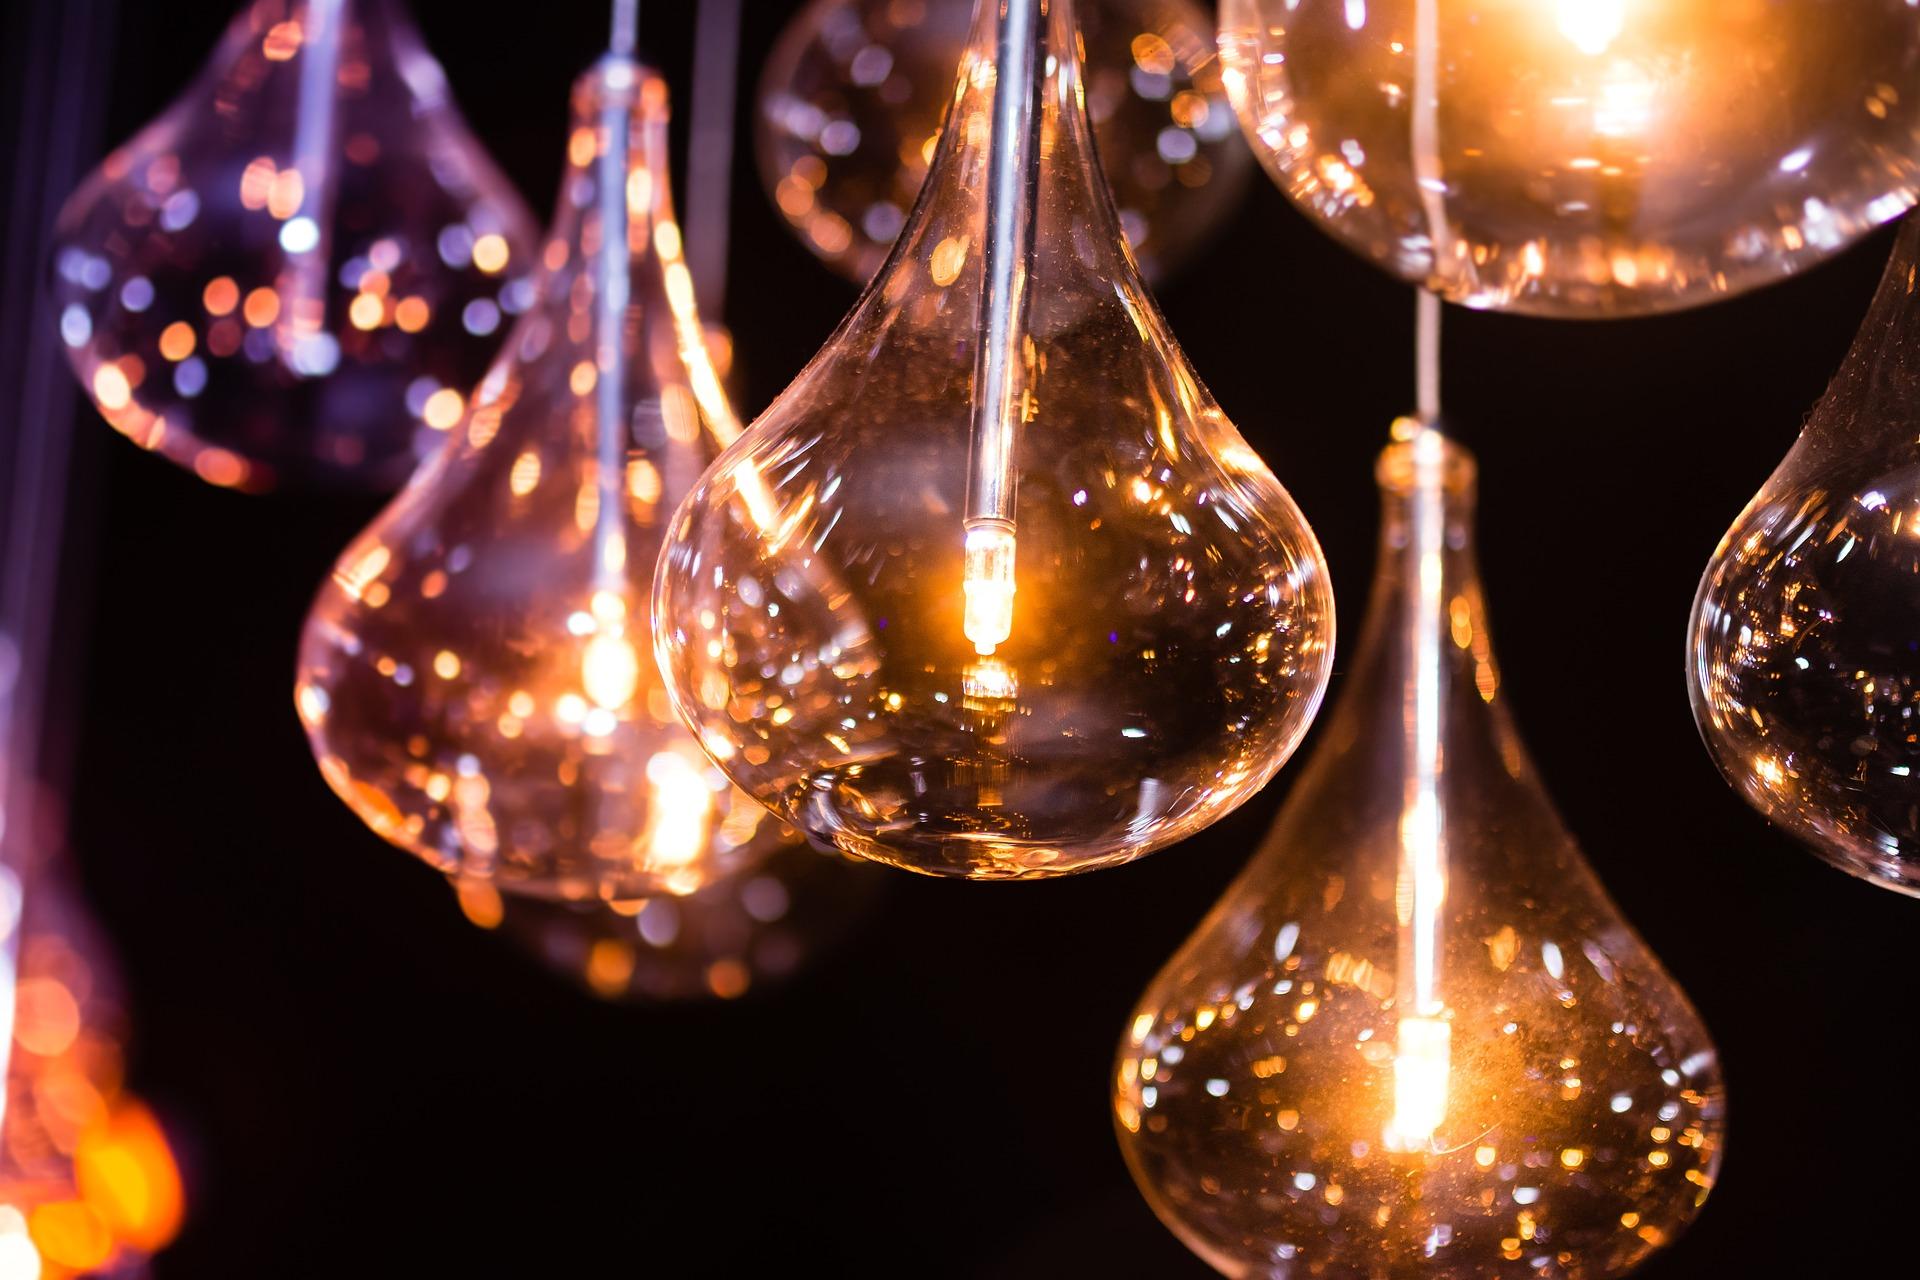 światło Sprzedaje Jak Oświetlić Sklep Hotelowe Opowieści